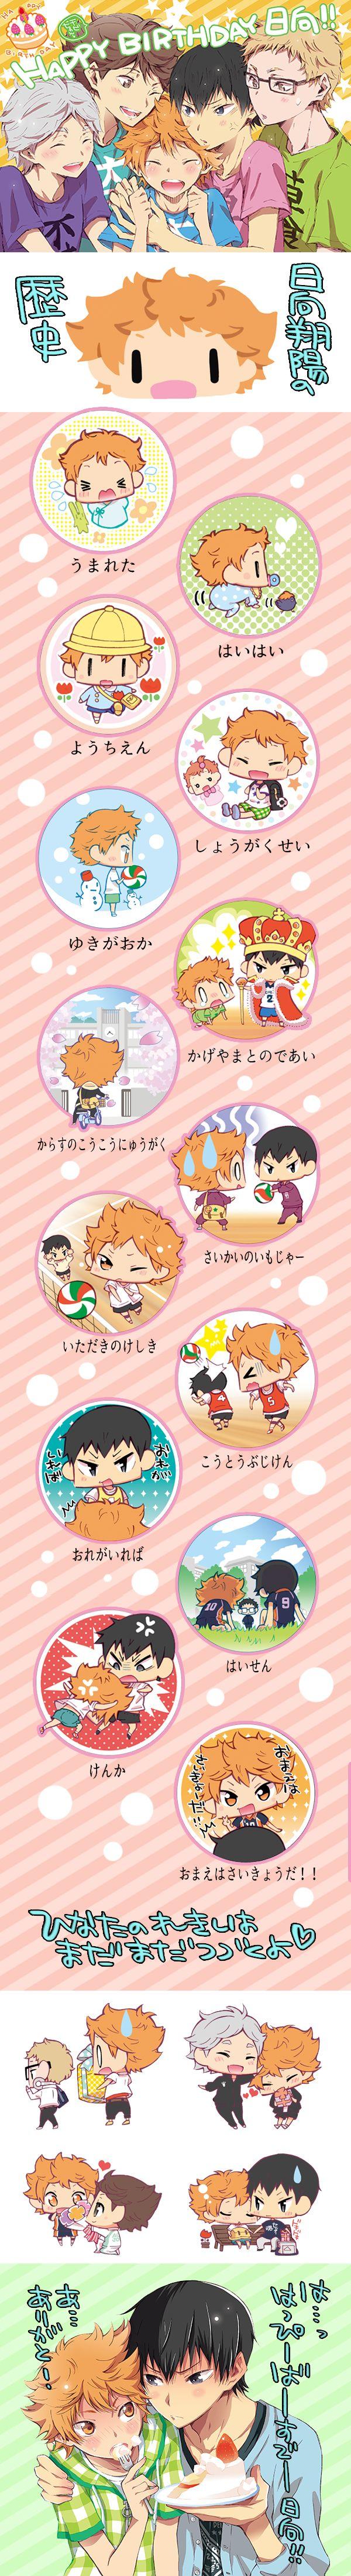 Tags: Anime, Pixiv Id 3296870, Haikyuu!!, Kageyama Tobio, Hinata Shouyou, Oikawa Tooru, Sugawara Koushi